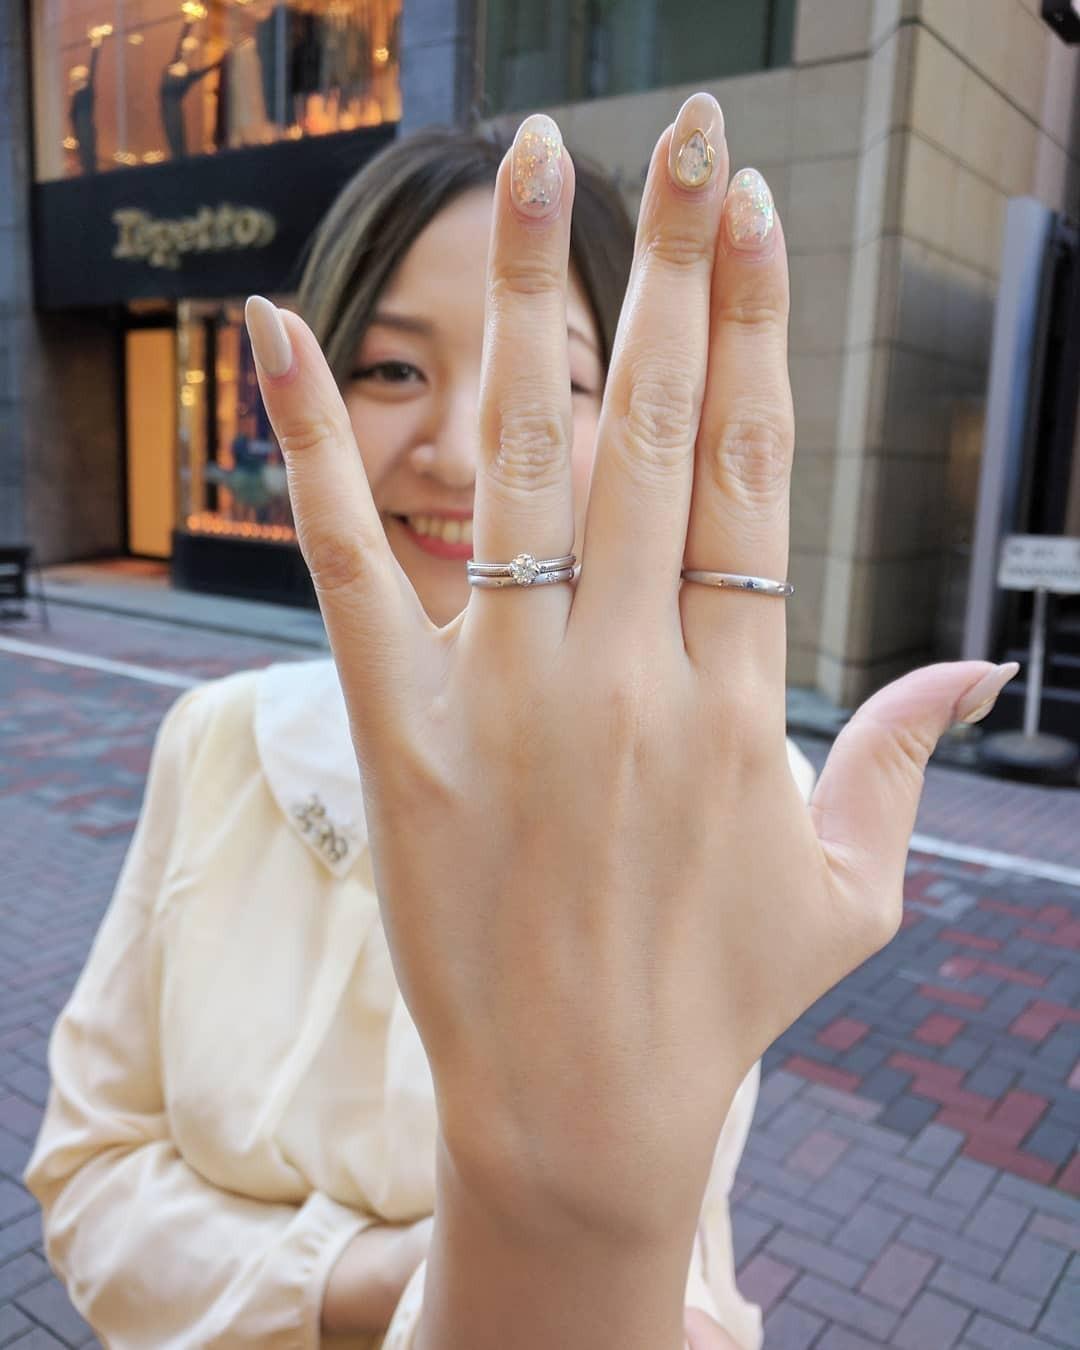 お気に入りの結婚指輪を身に着けて幸せな結婚生活を送ろう